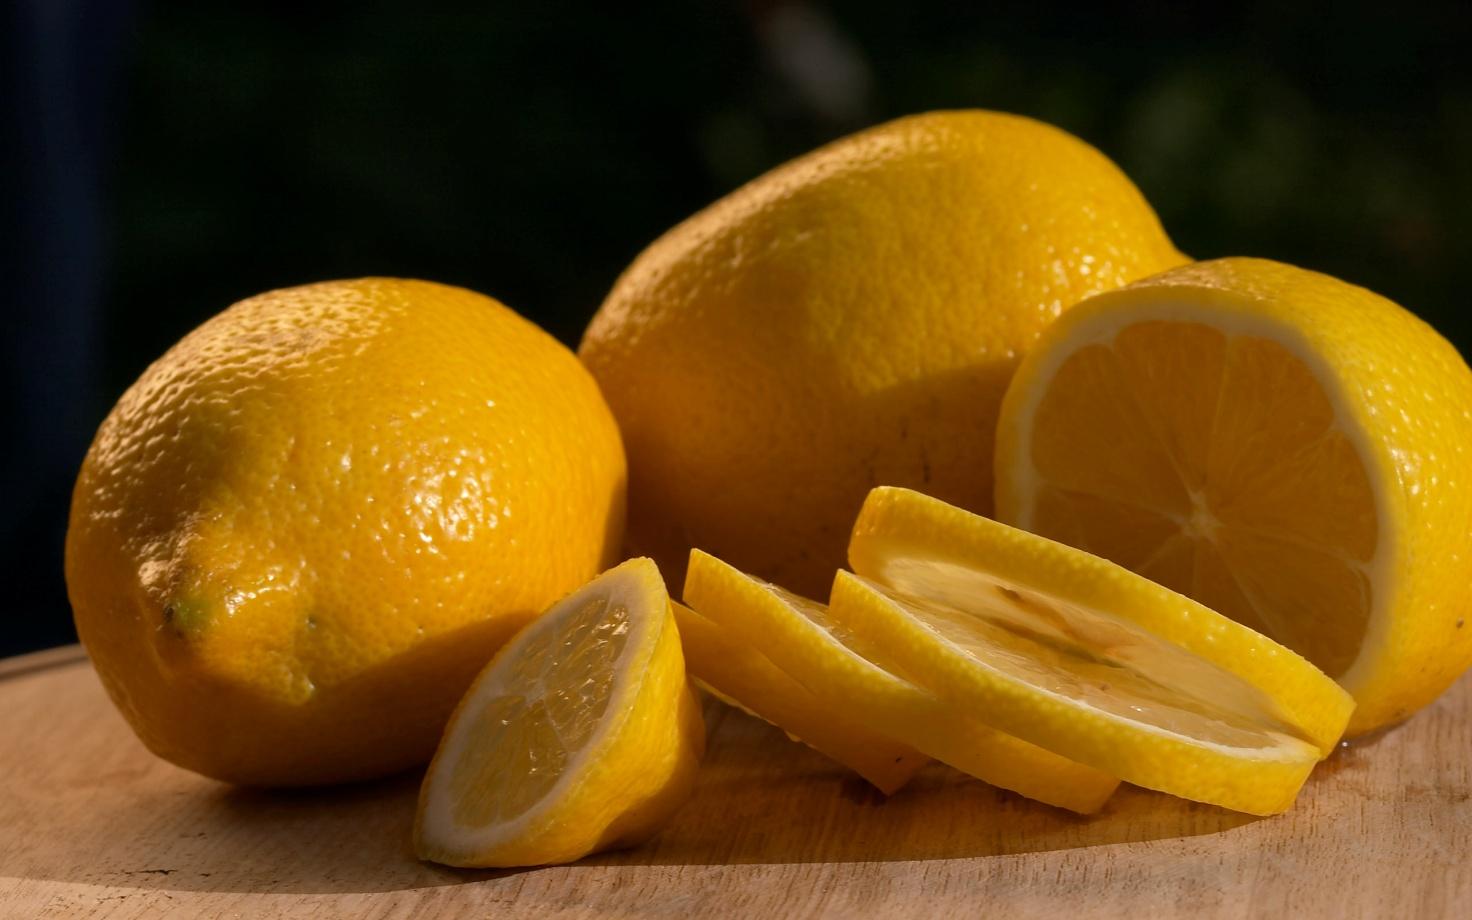 картинка с лимончиками украденных фотографий